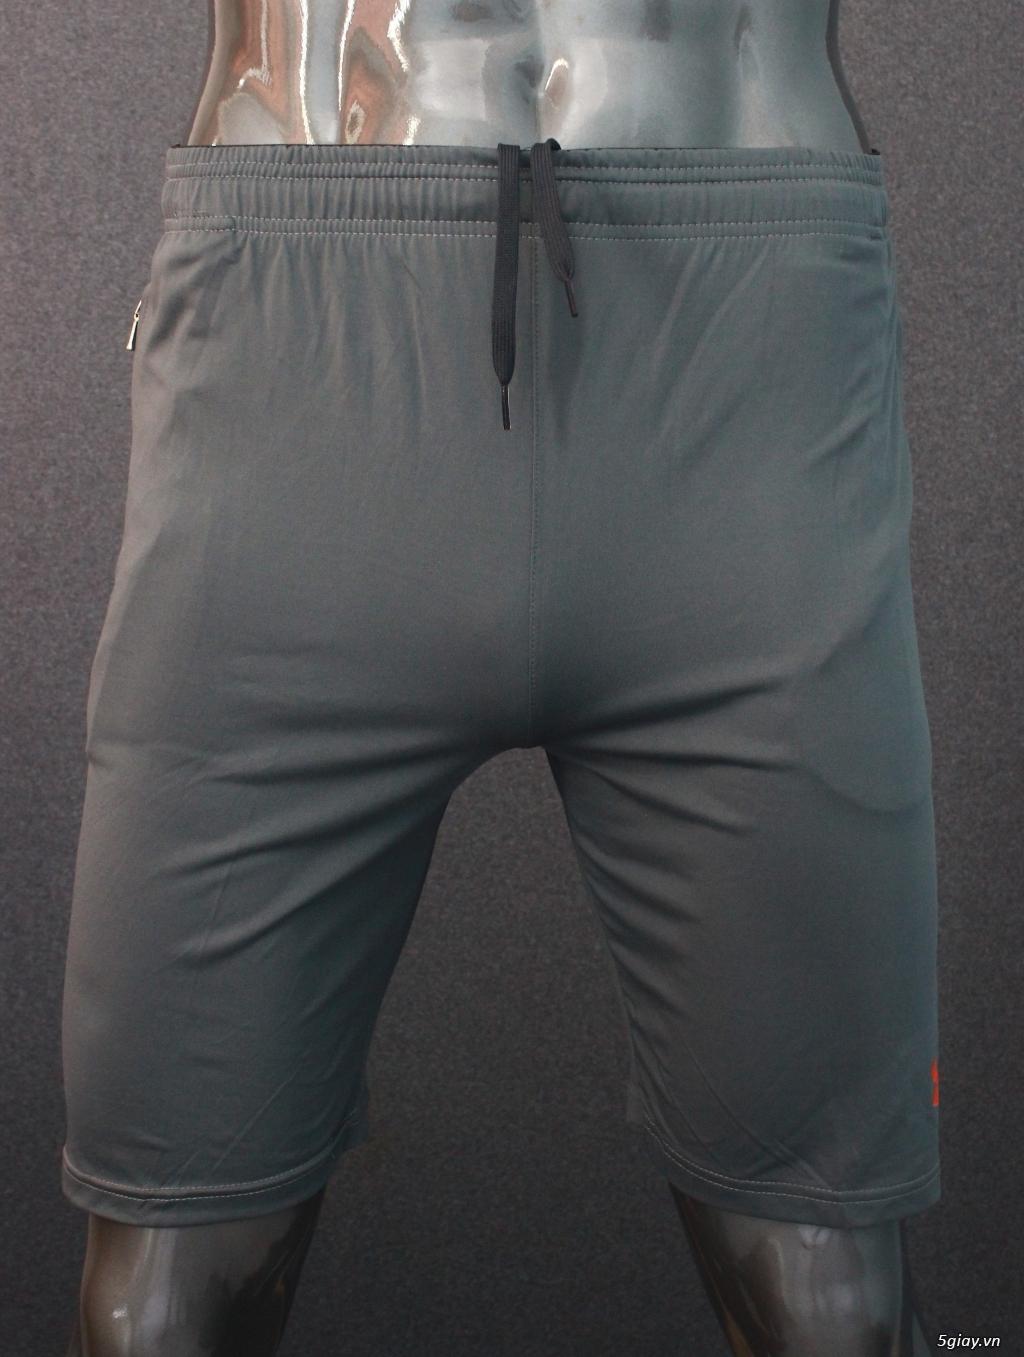 Chuyên cung cấp quần áo thể thao Adidas,Nike,Under Armour,Puma...trên Toàn Quốc giá xưởng - 36